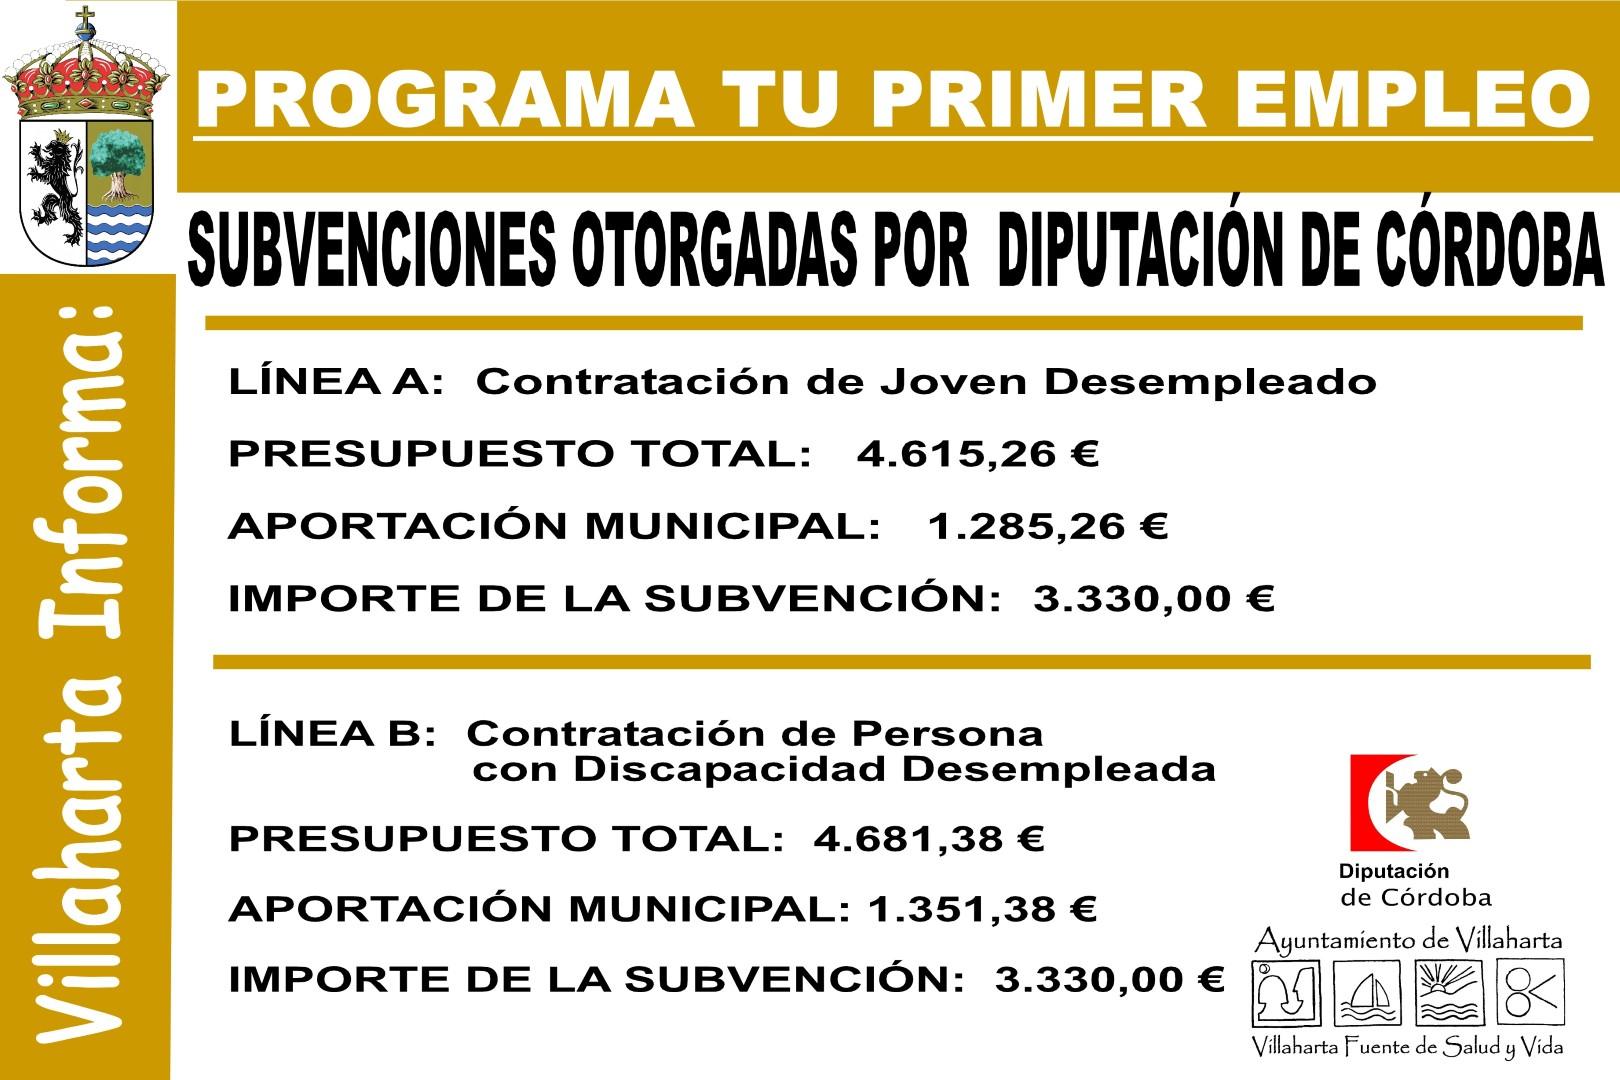 SUBVENCIONES RECIBIDAS PARA EL PROGRAMA TU PRIMER EMPLEO 1